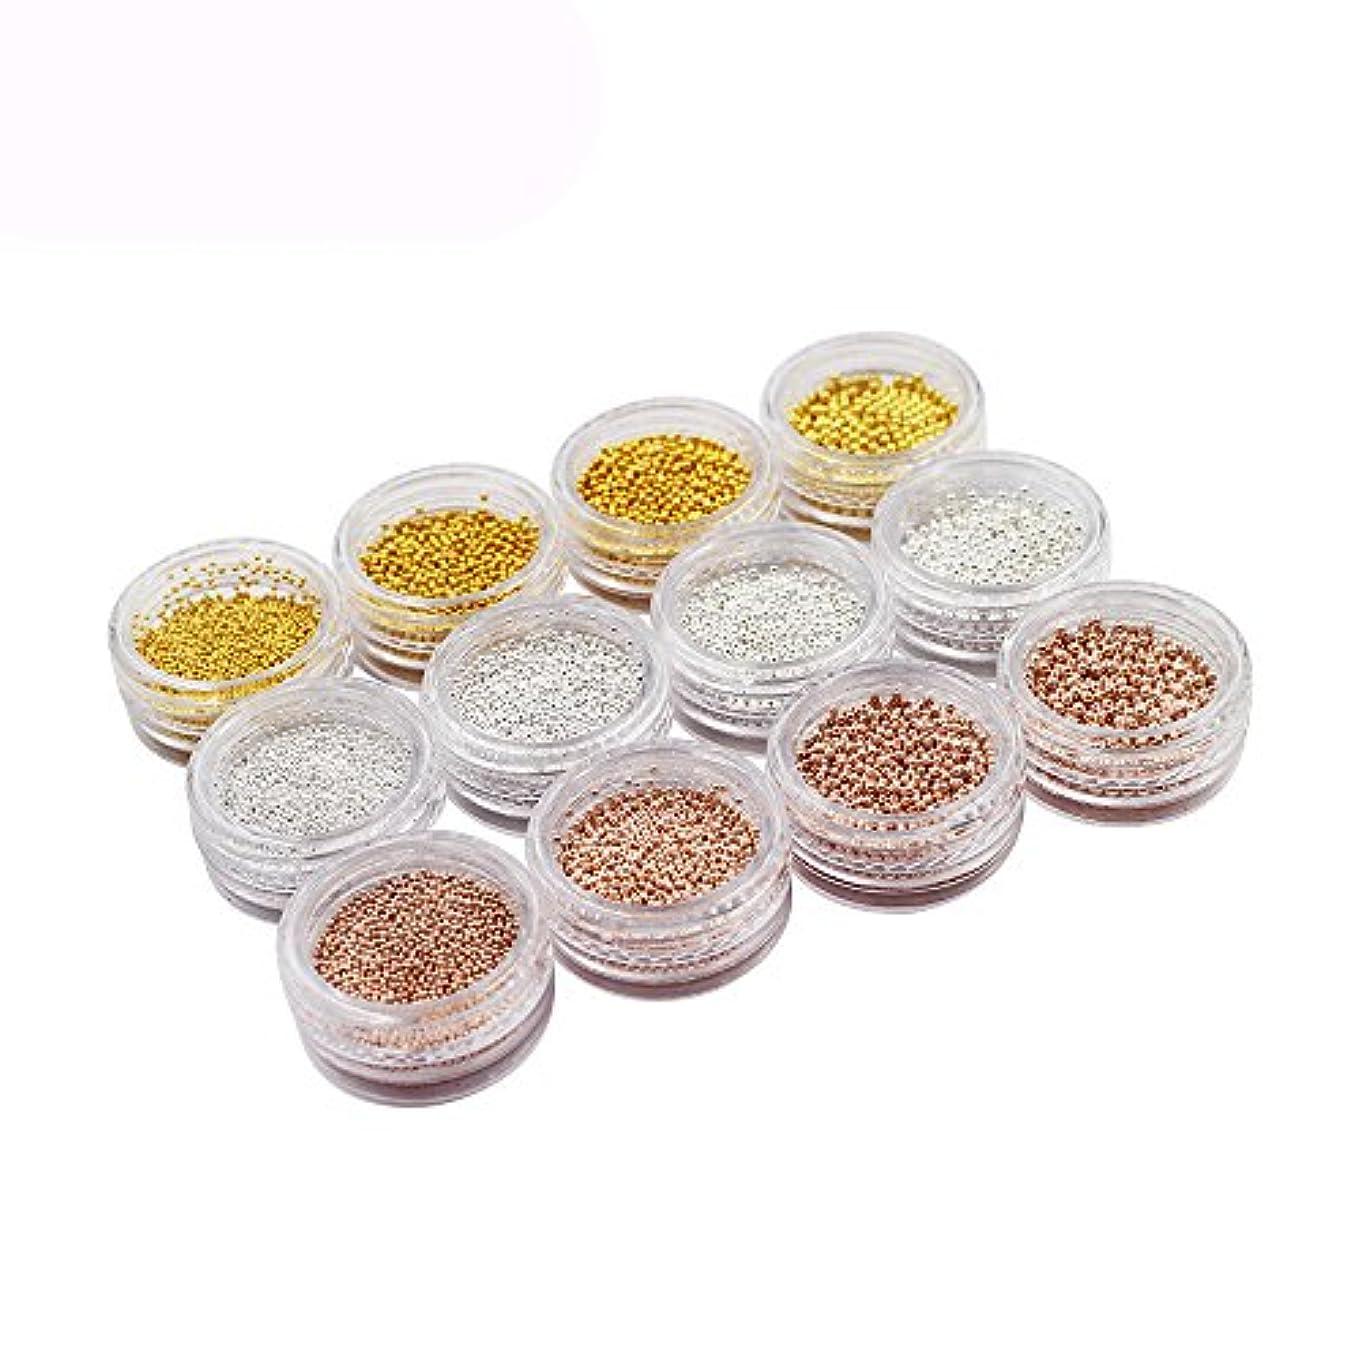 自己尊重苦痛絞るメーリンドス ネイル3dデザインパーツ ネイルブリオン ゴールド&シルバー&バラゴールド 0.8/1.0/1.2/1.5mm 4サイズ3色 12本セット